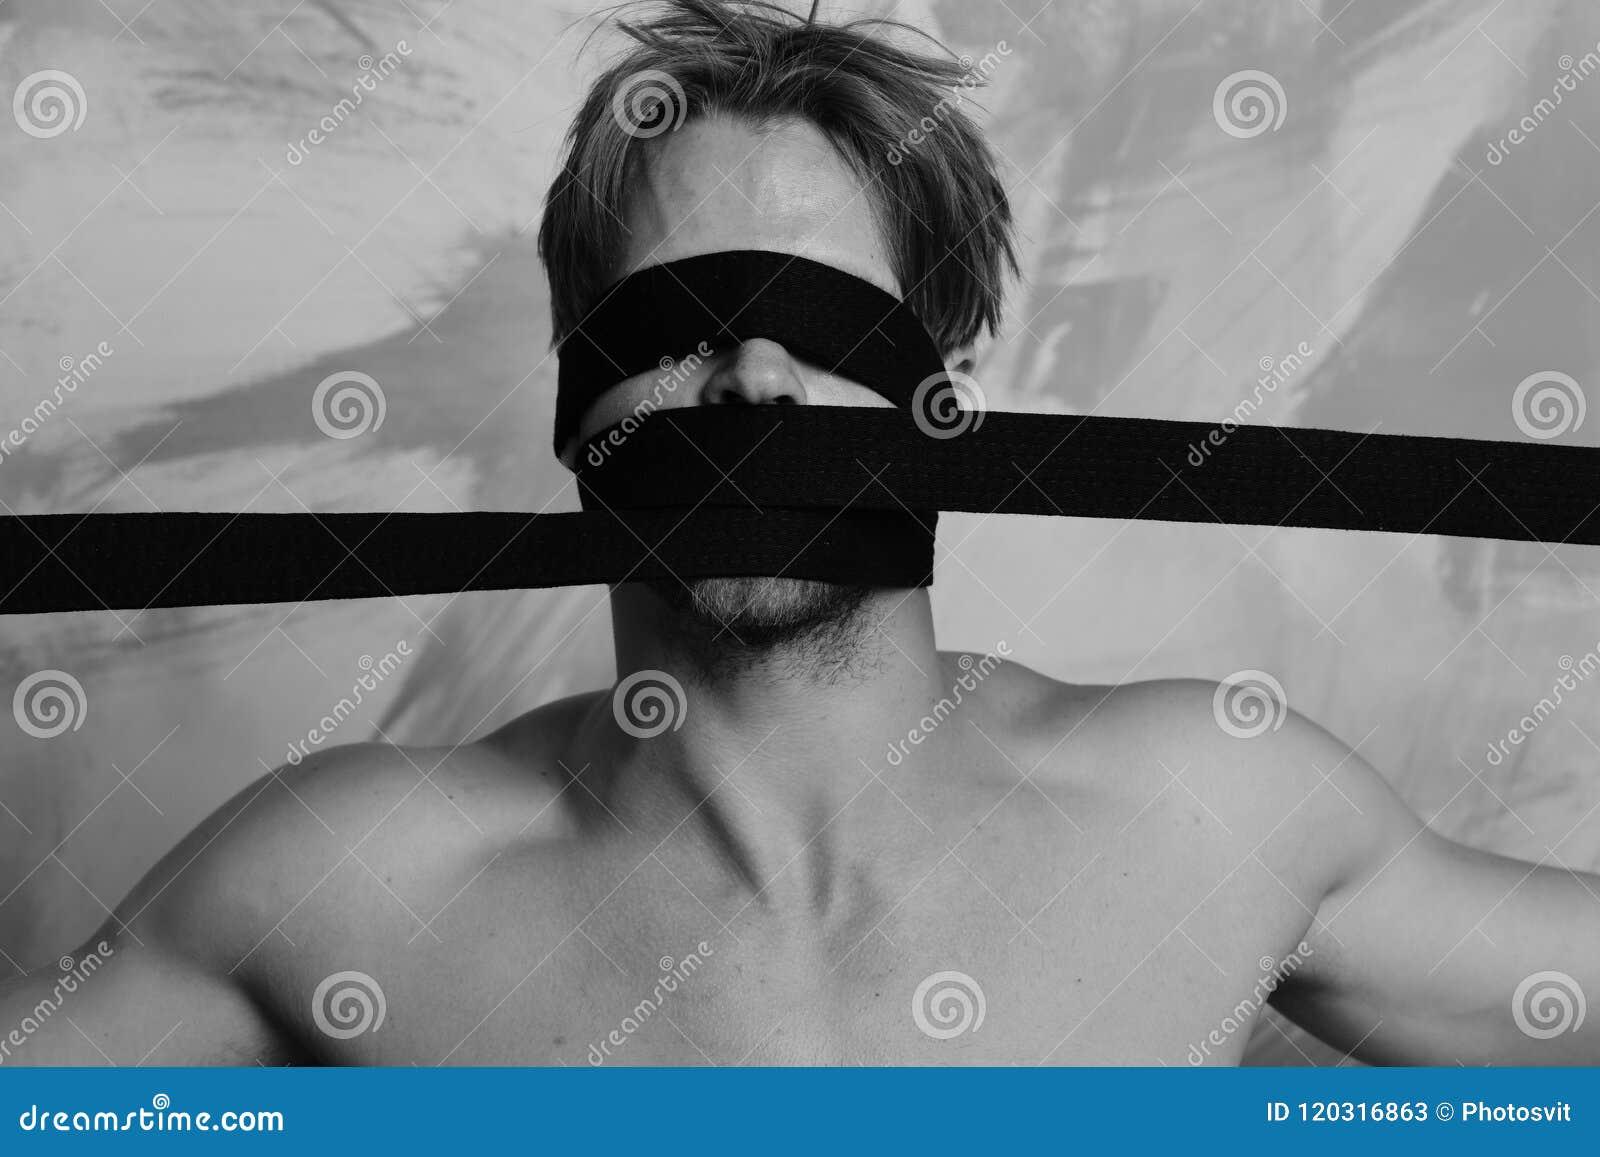 Гай при черный пояс кимоно связанный на голове Человек с покрытой стороной и нагим торсом на красочной предпосылке